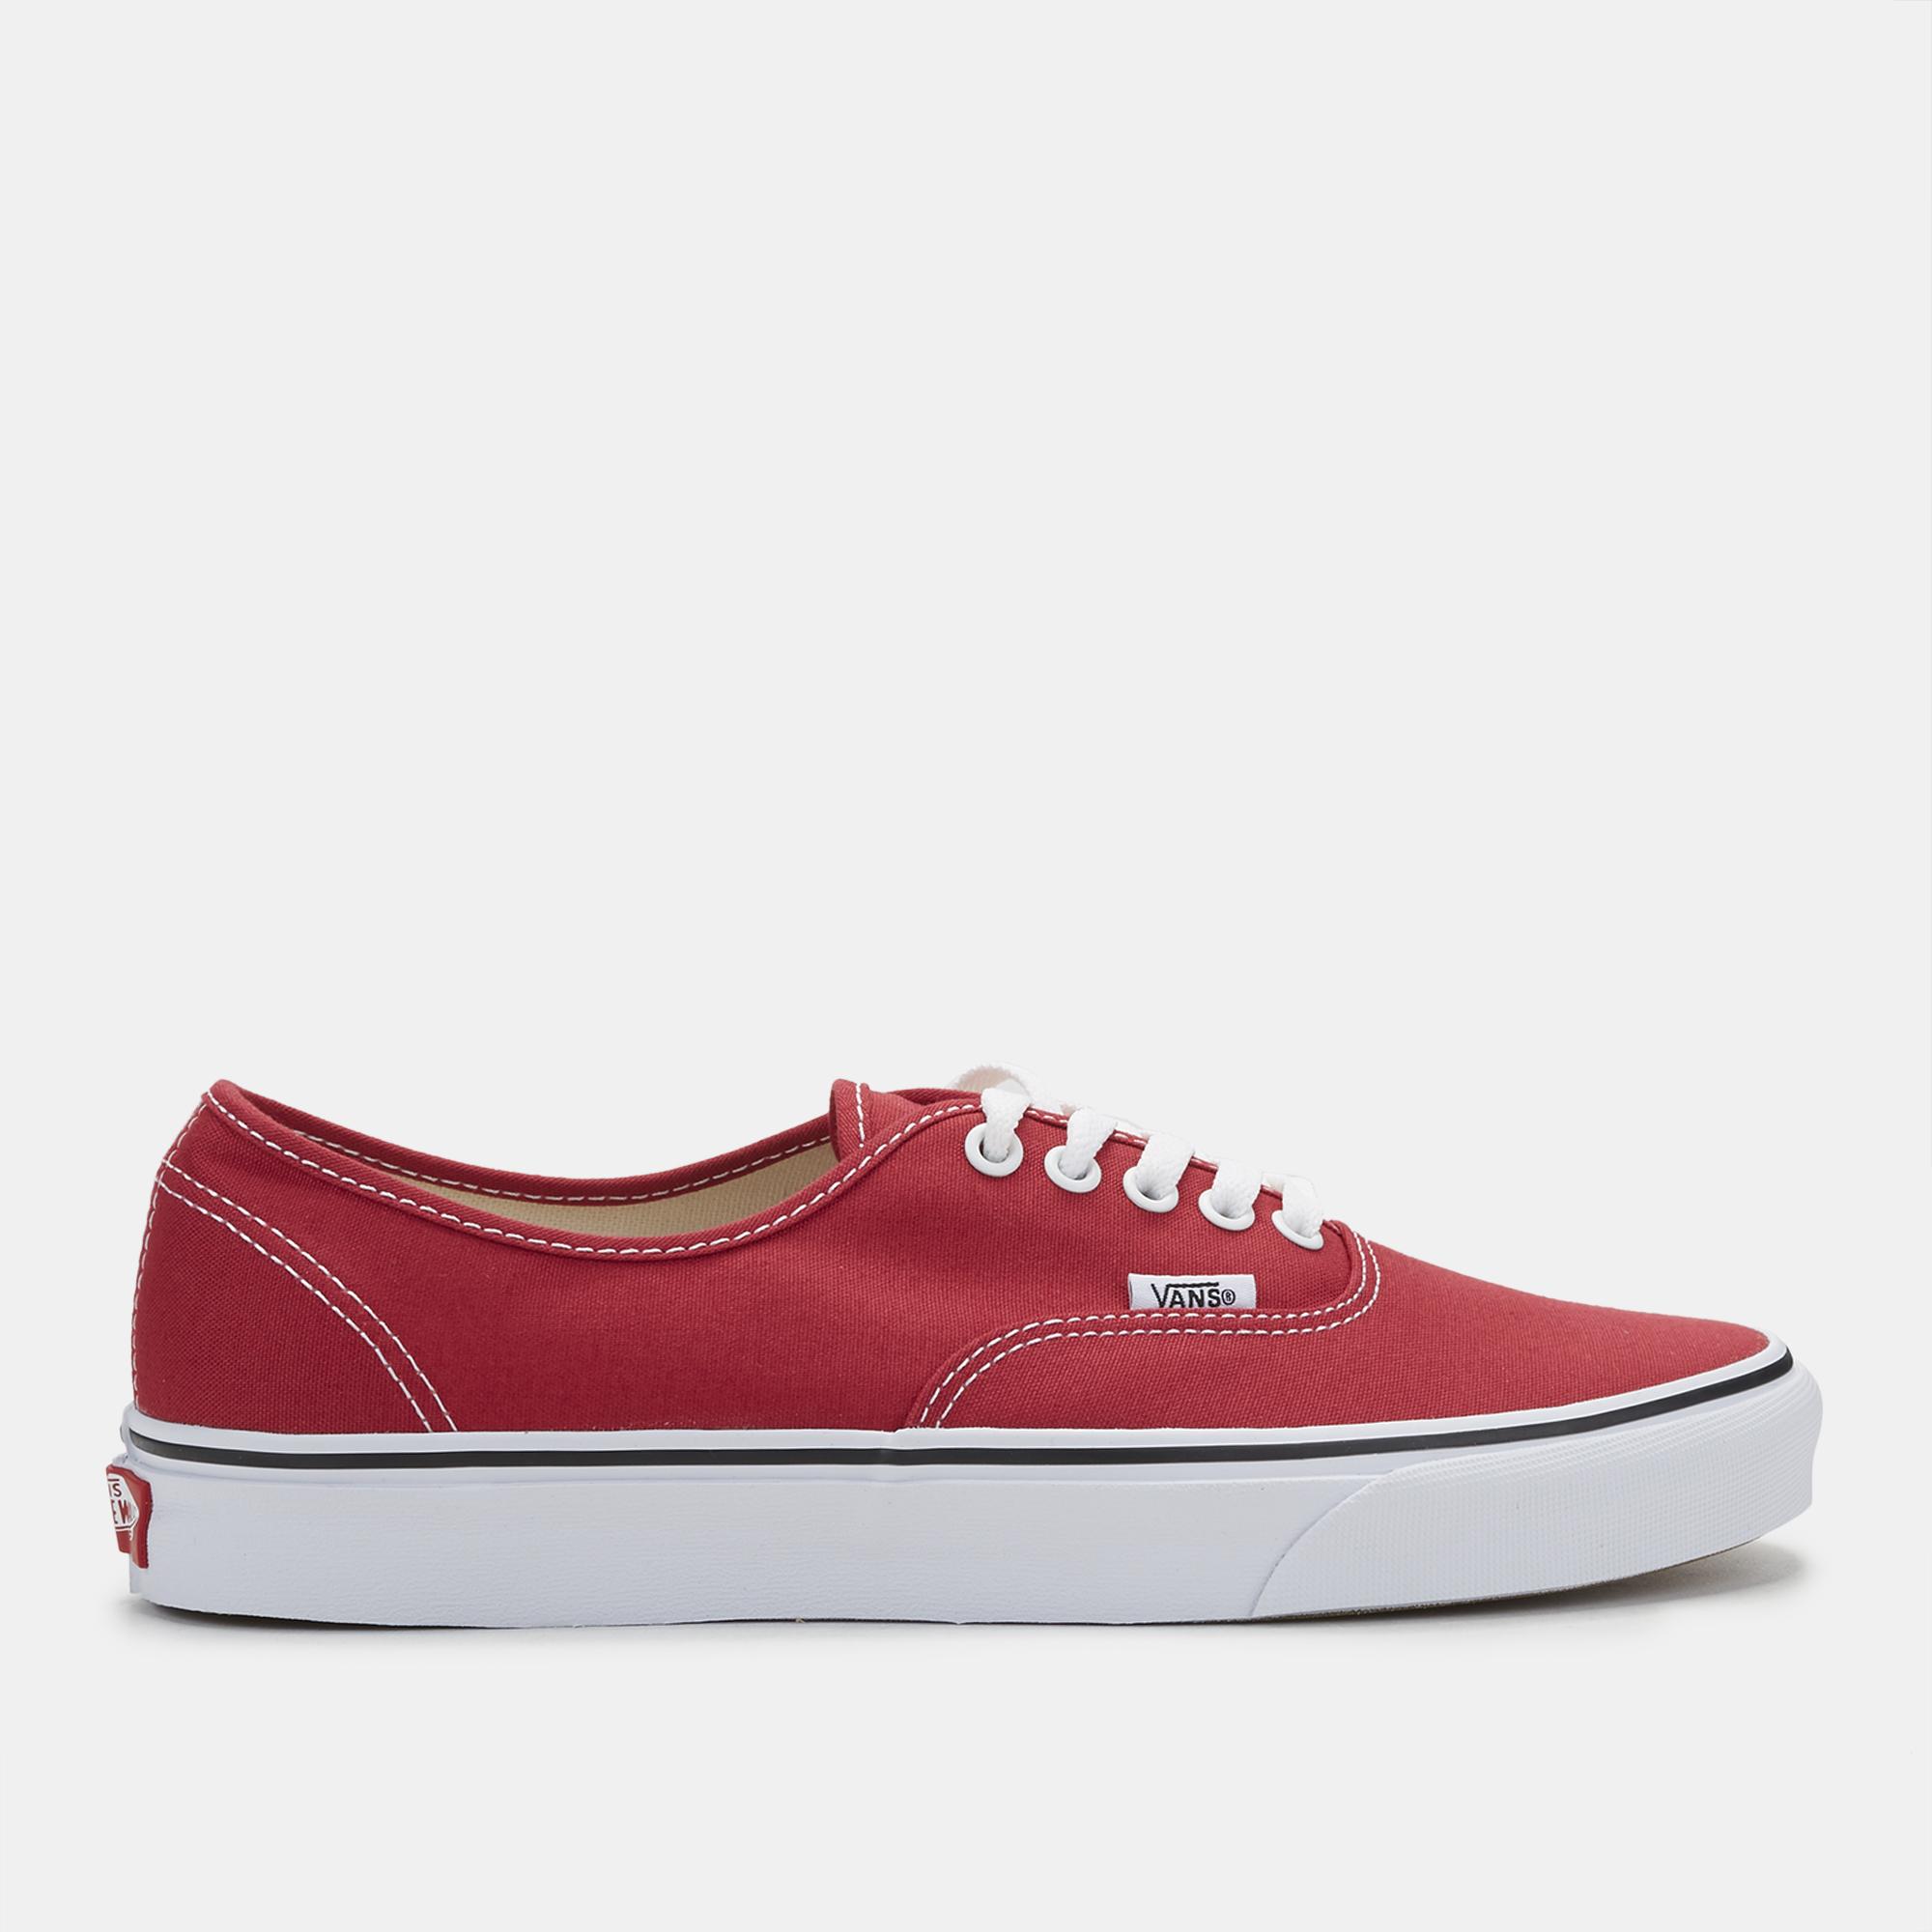 c28115423 حذاء أولد سكول من فانس | احذية سنيكرز | احذية | موضة رياضية | رياضات | سن  أند ساند سبورتس | سن أند ساند سبورتس